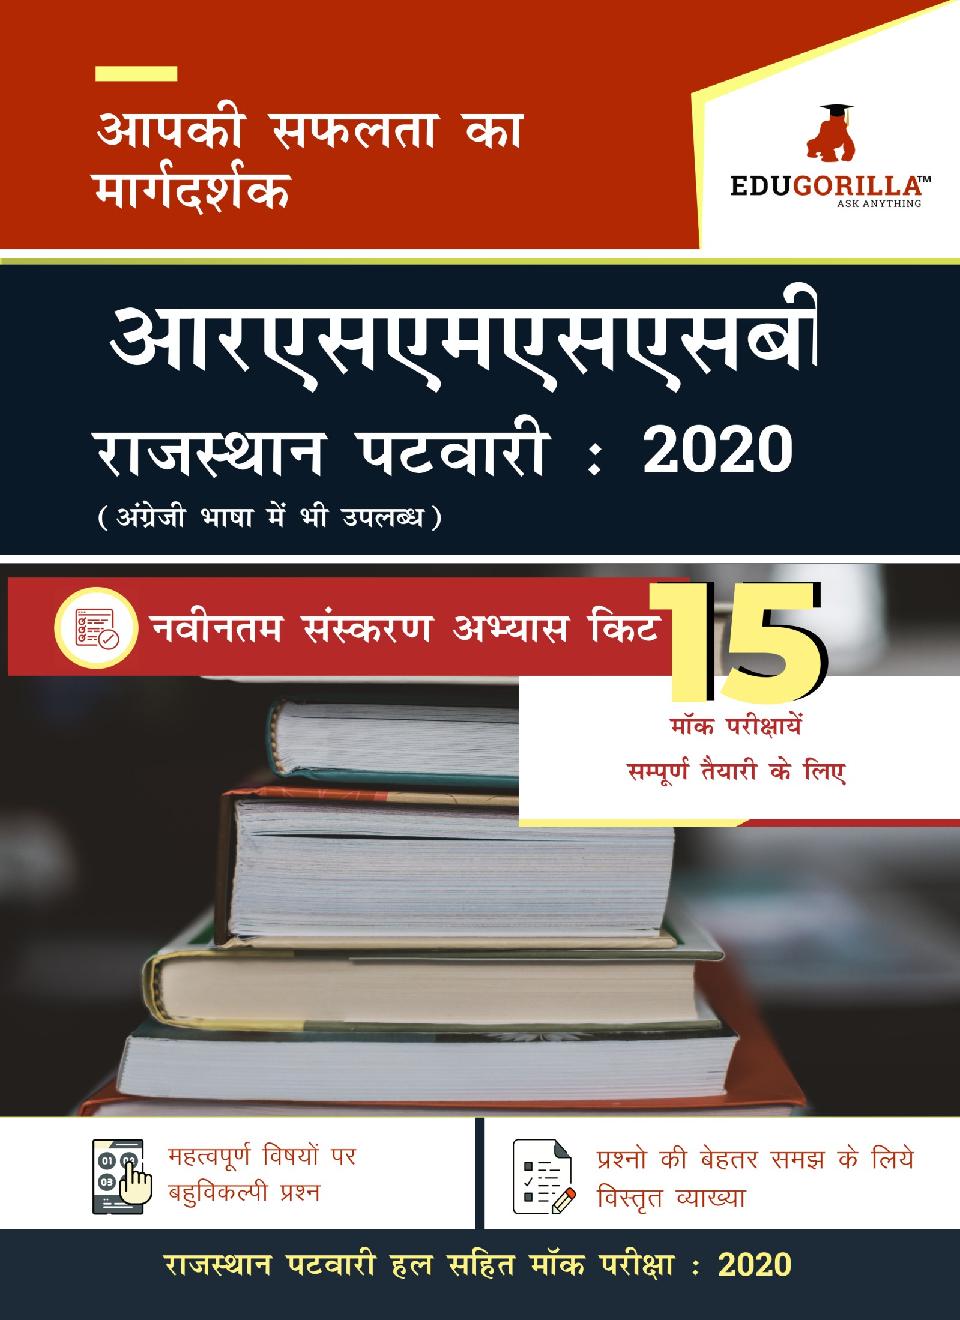 Edugorilla आरएसएमएसएसबी राजस्थान पटवारी 2020   15 मॉक परीक्षाये सम्पूर्ण तैयारी के लिए - Page 1